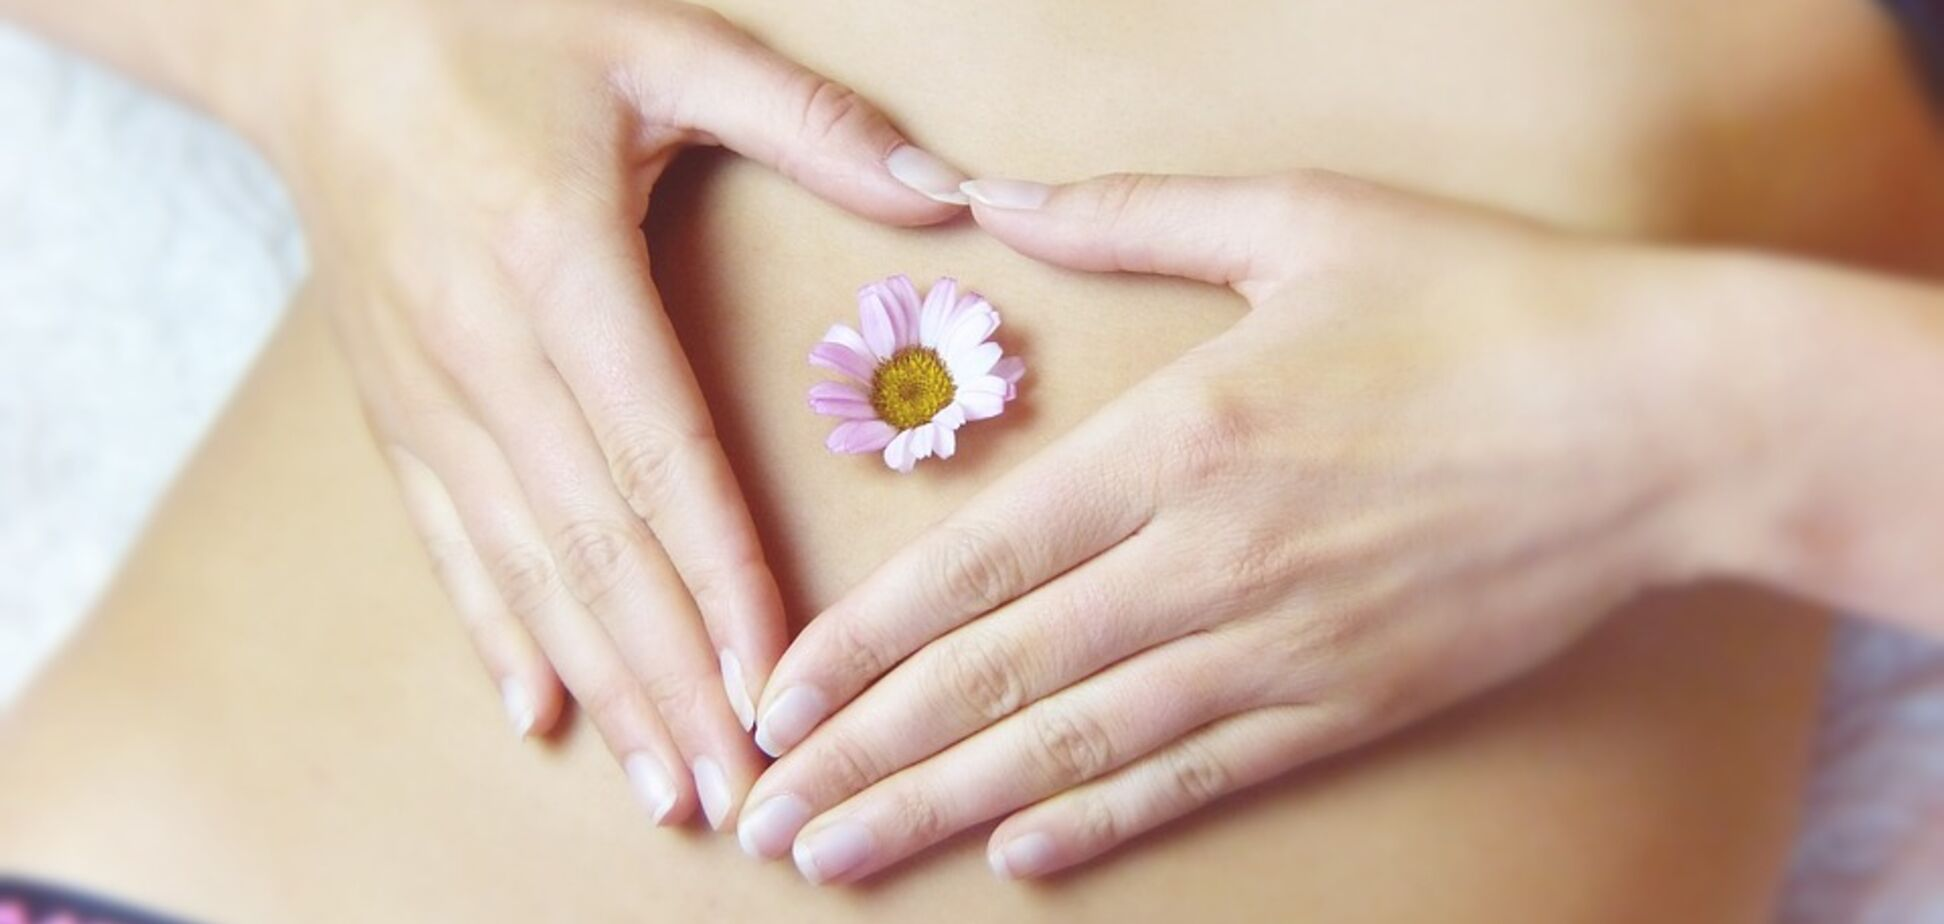 Обезболивающий самомассаж: лучшие приемы от мигрени и боли в спине